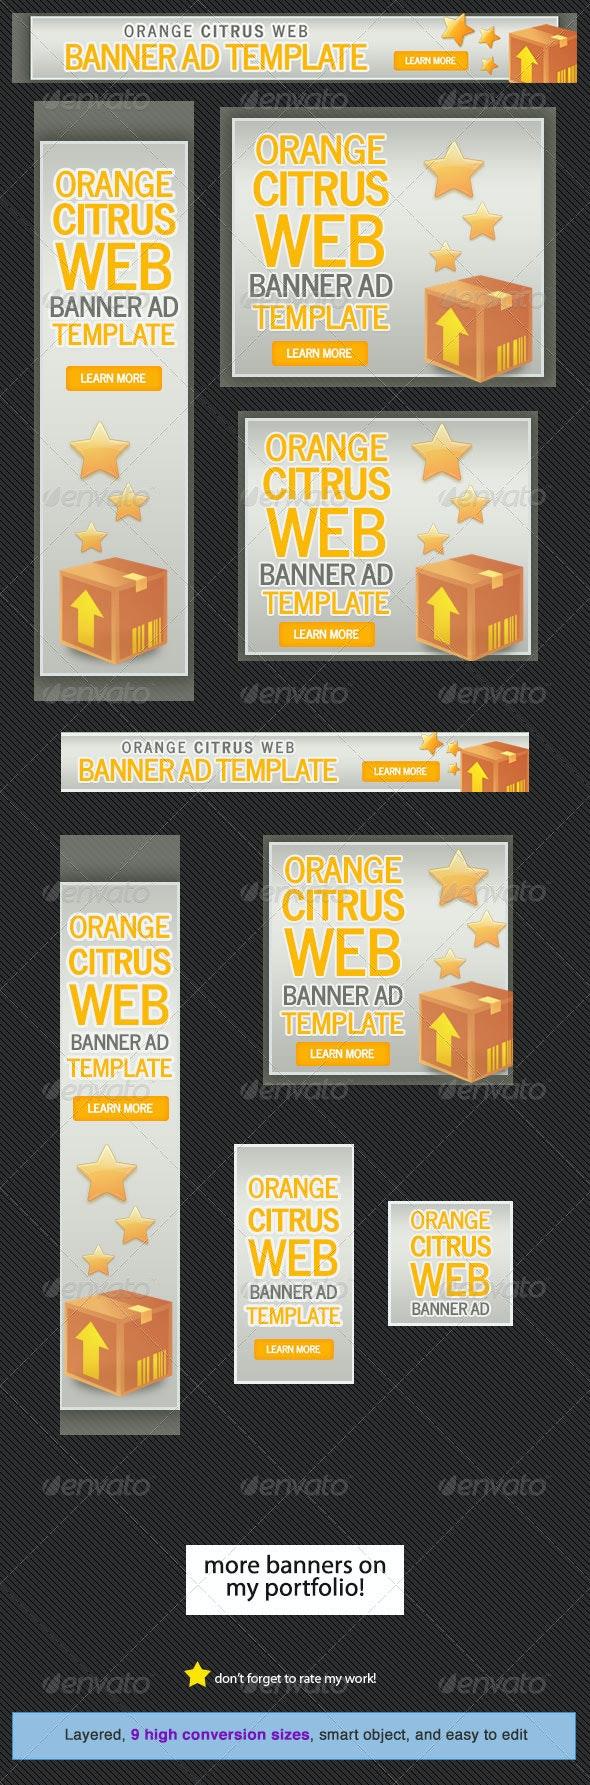 Orange Citrus Web Banner - Banners & Ads Web Elements